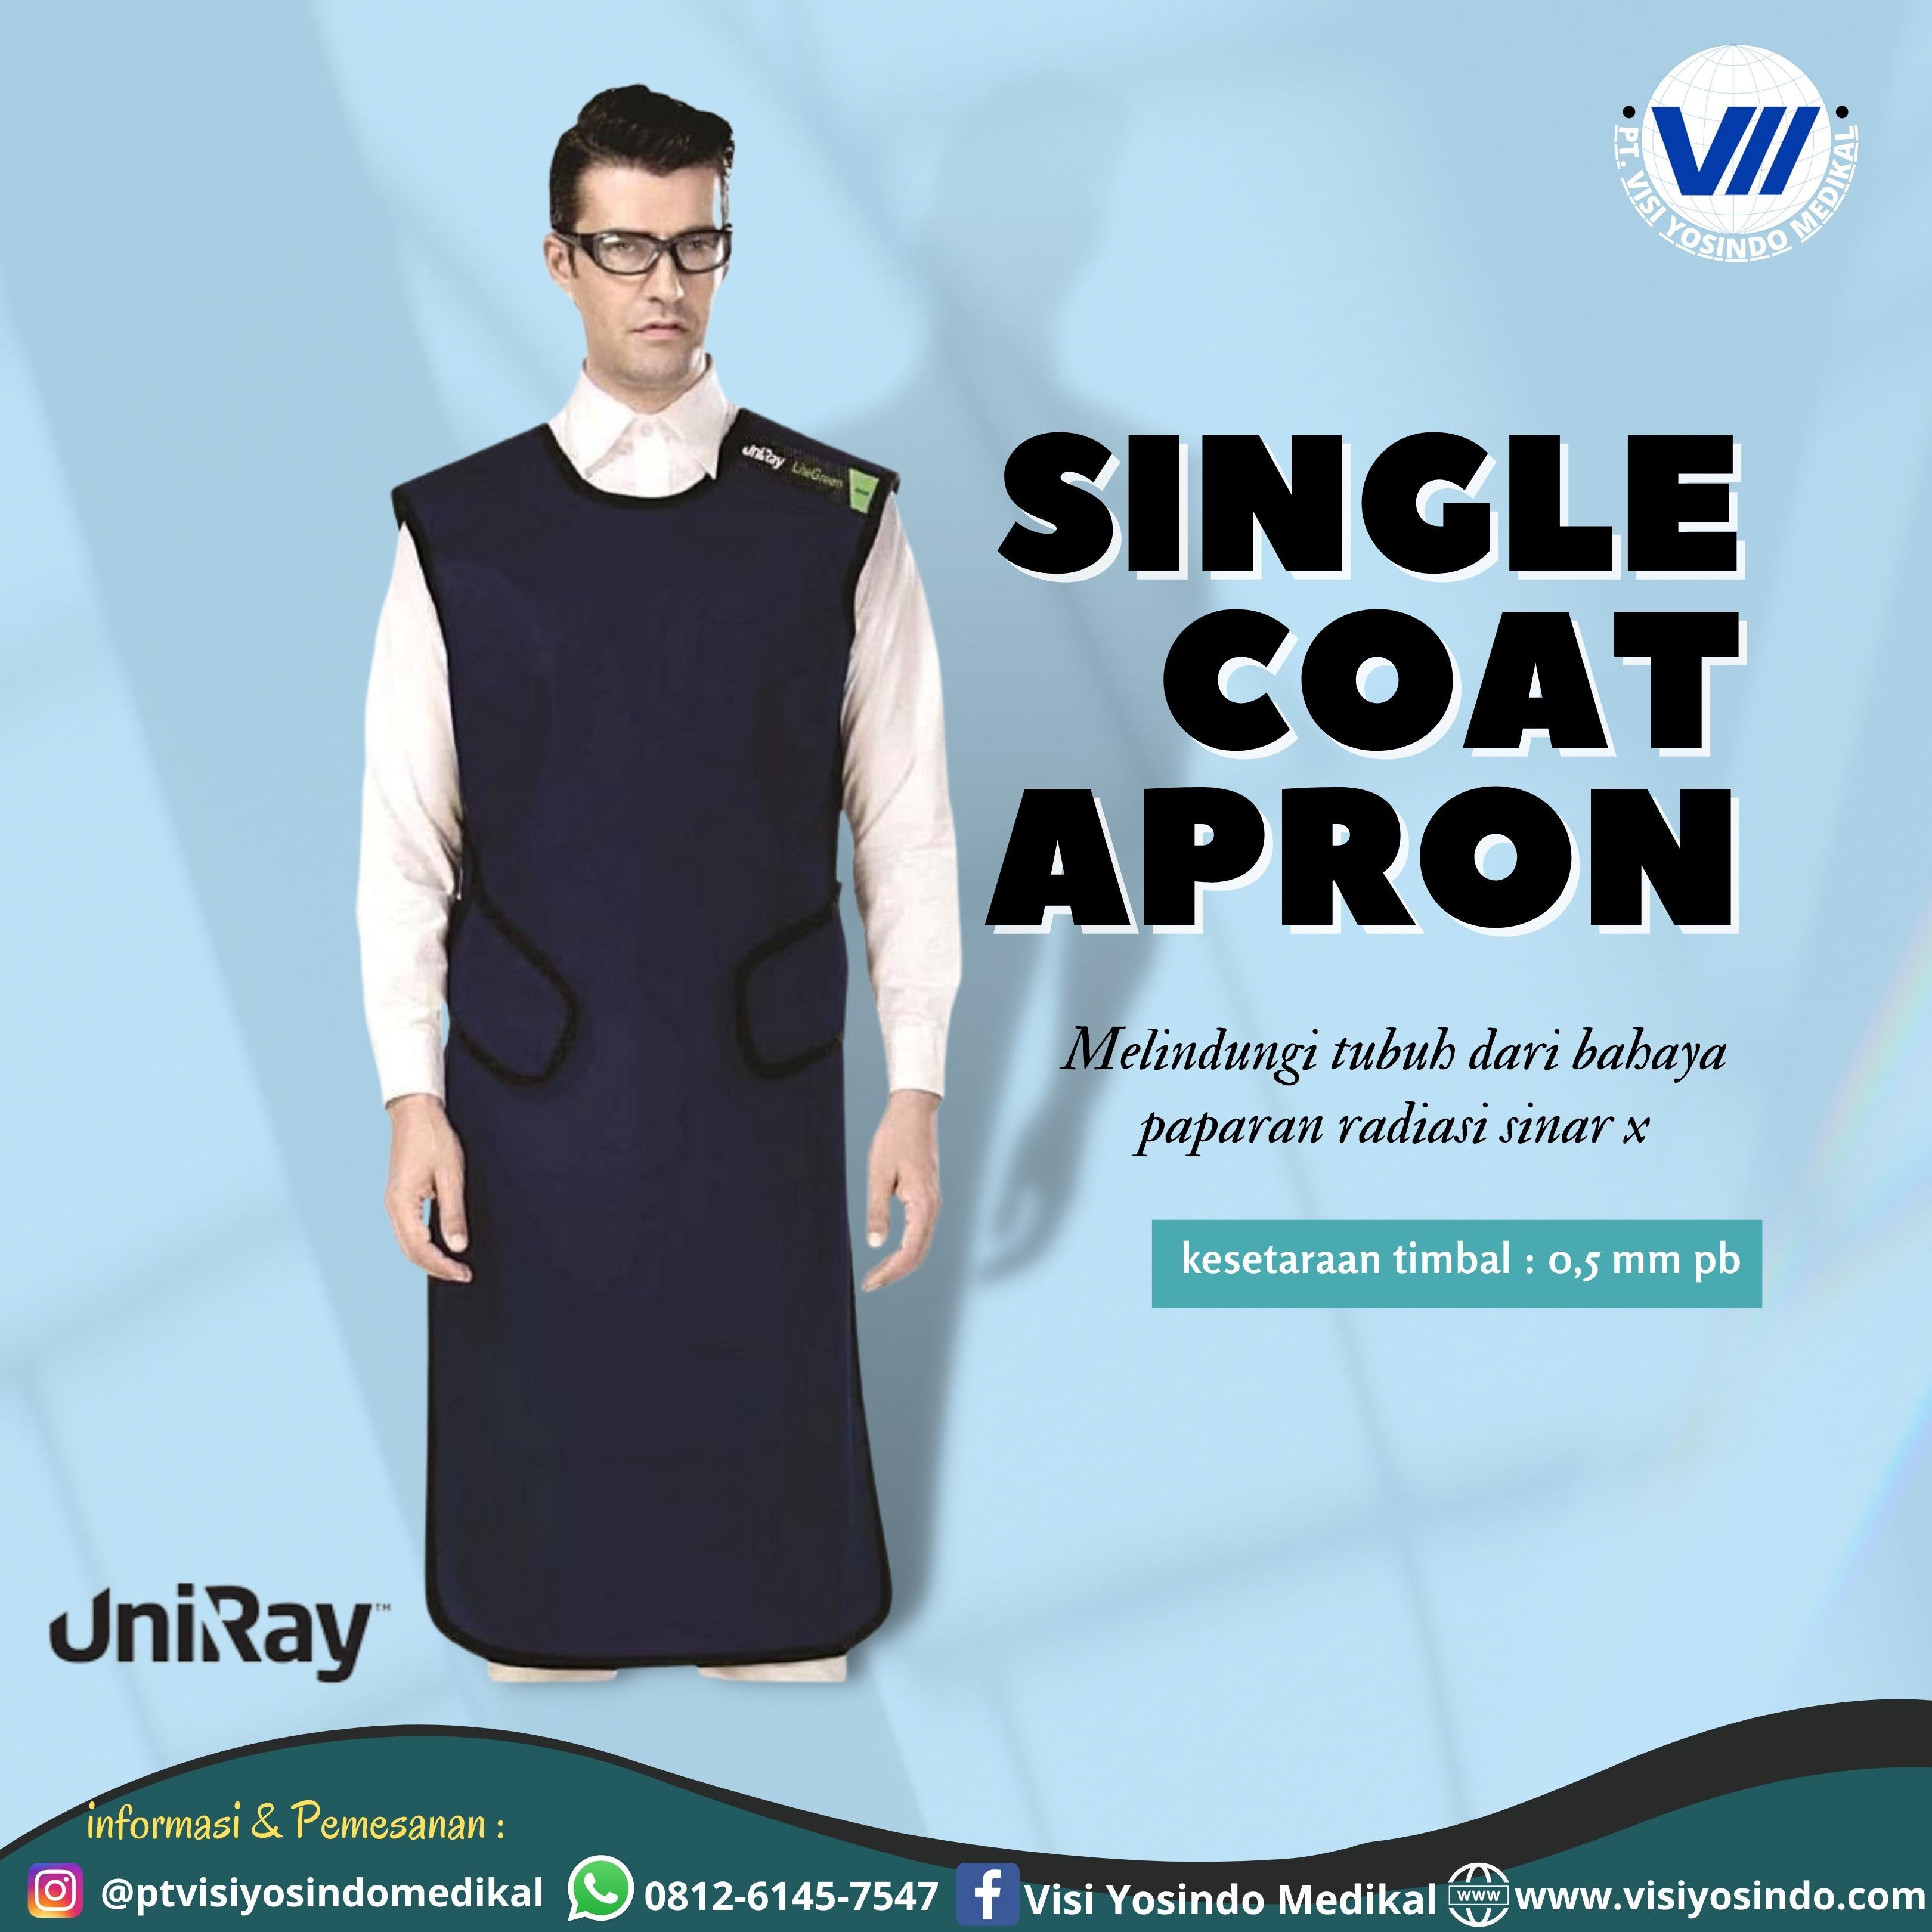 Single Coat Apron (Size Large)